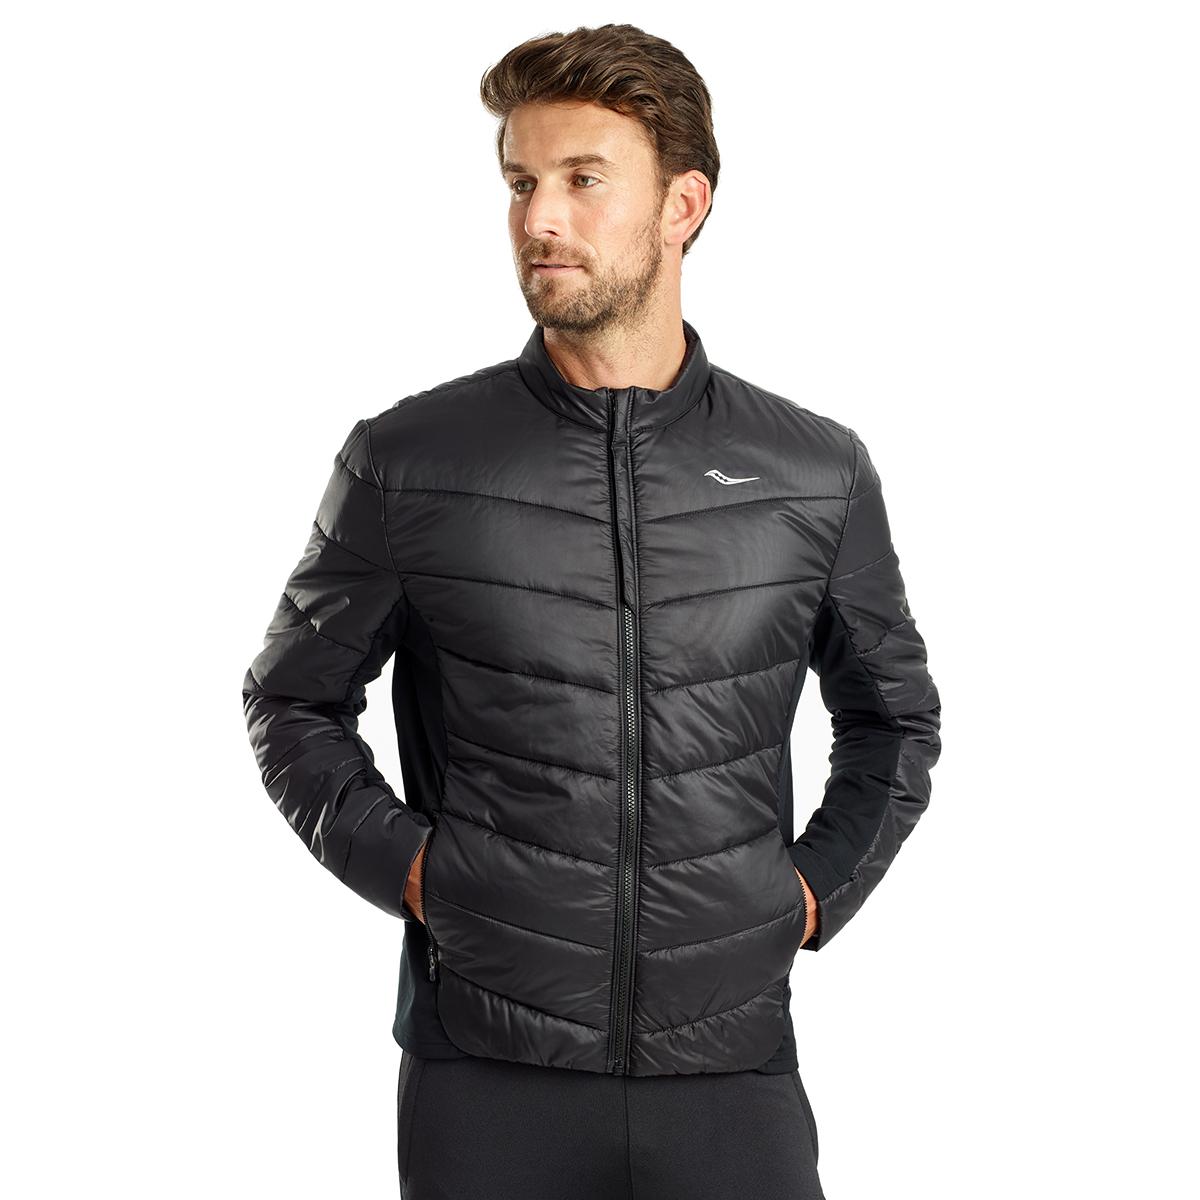 Men's Saucony Snowdrift Jacket  - Color: Black - Size: S, Black, large, image 1